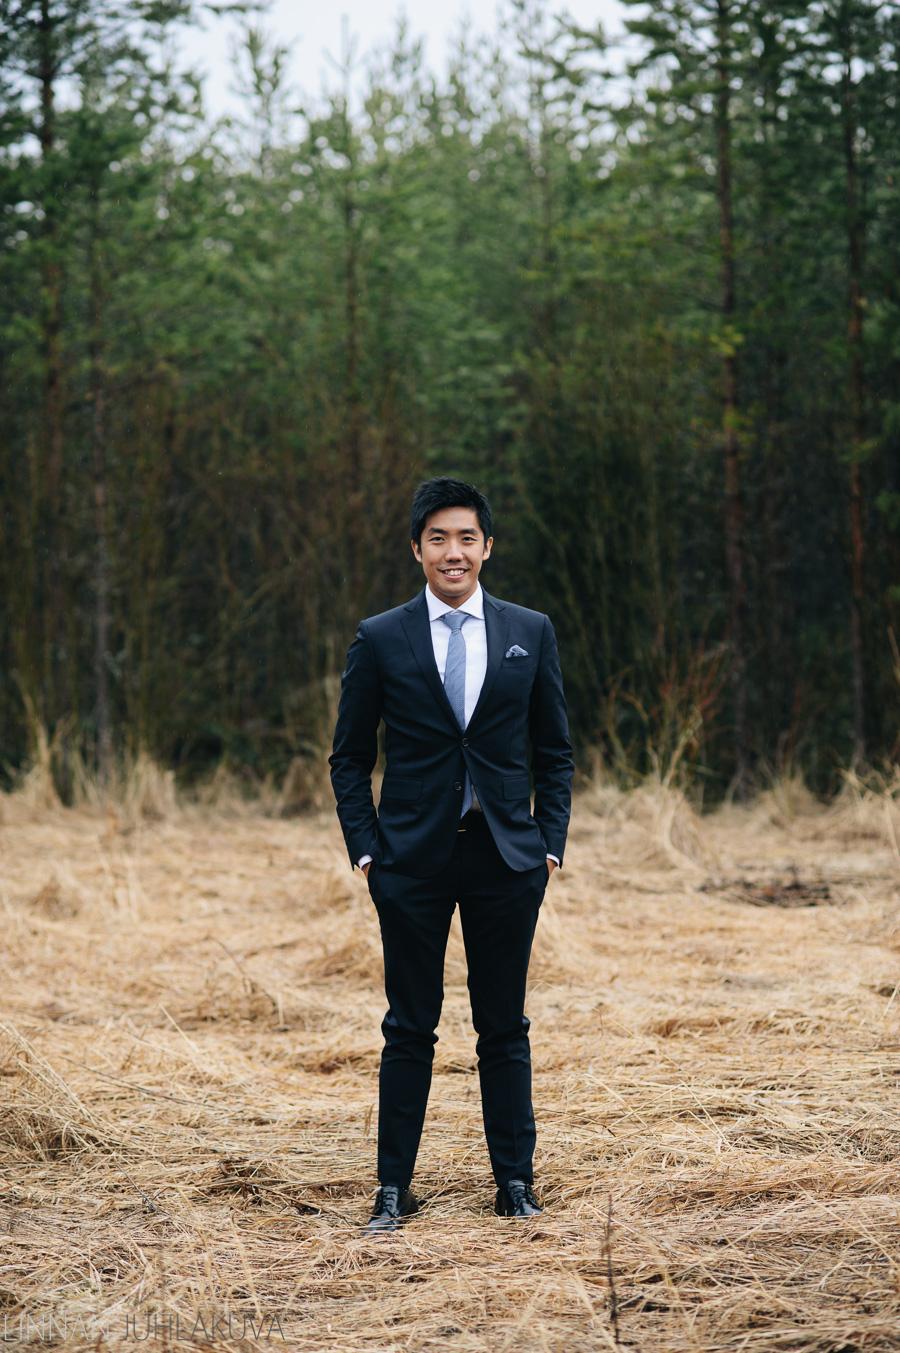 destination wedding finland 10.jpg